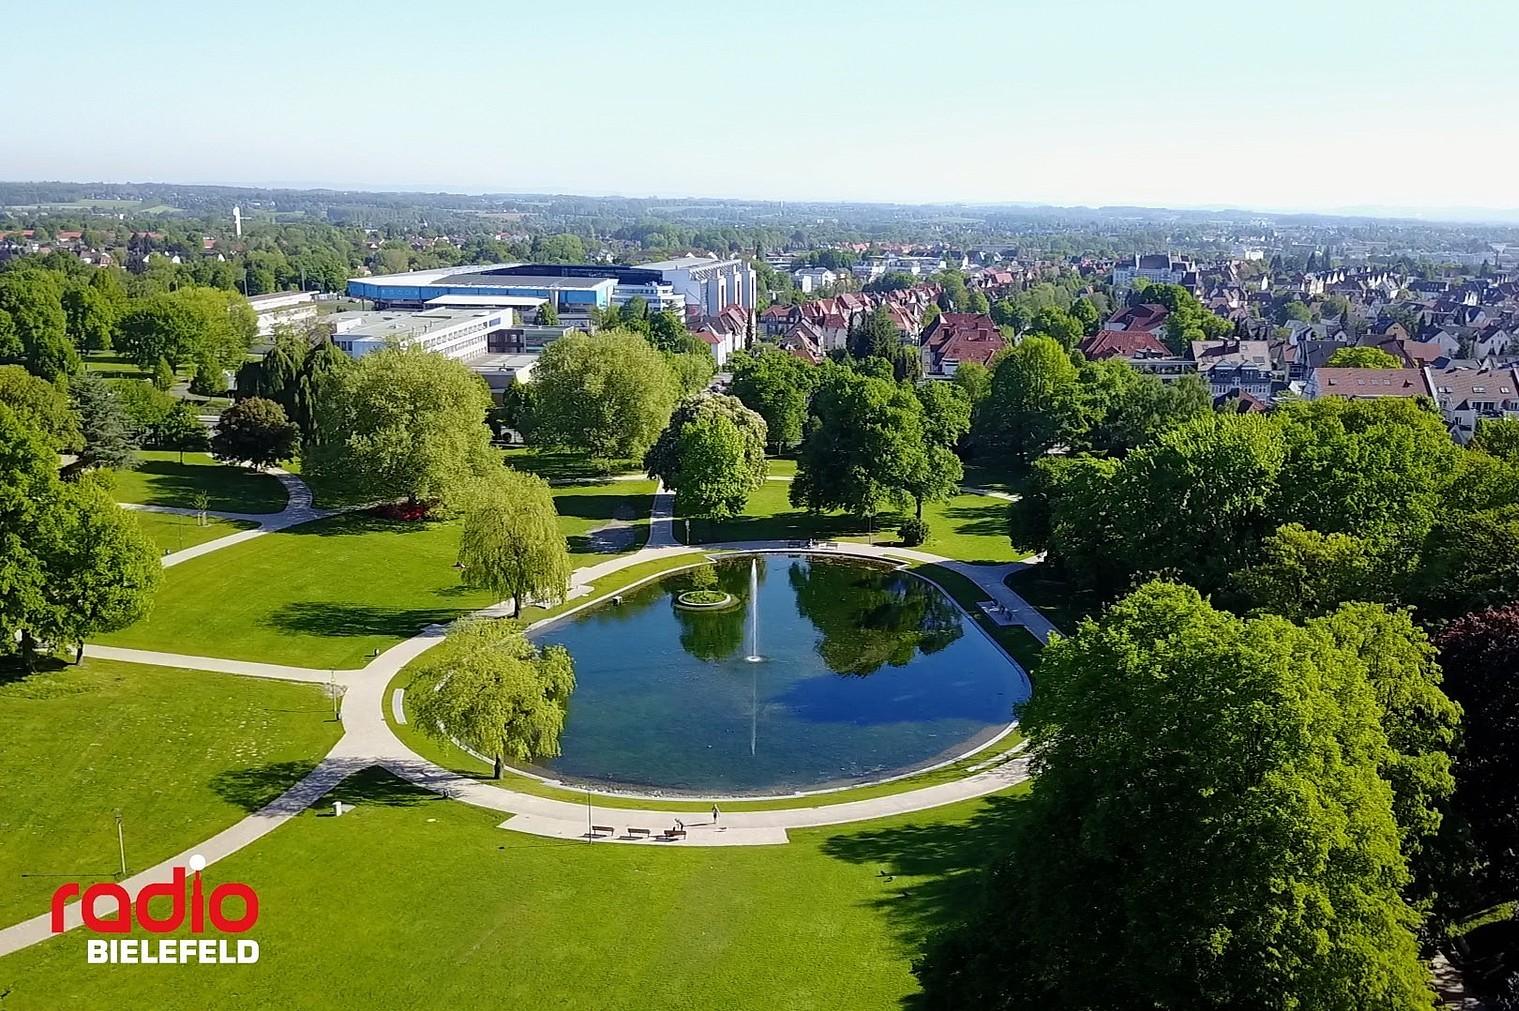 Bielefelder Bürgerpark von oben